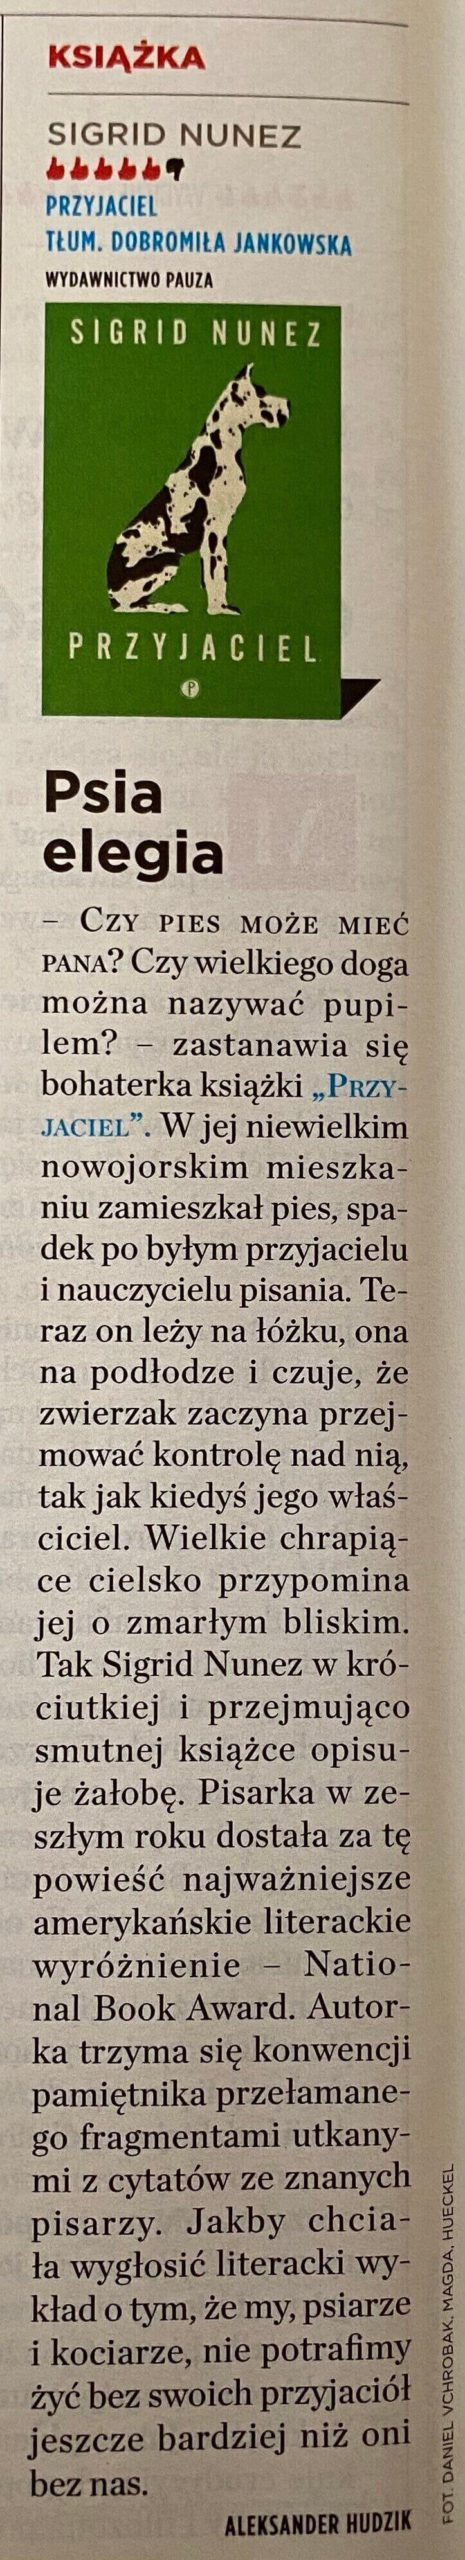 newsweek 25_2019 przyjaciel-2-2-2-2-2